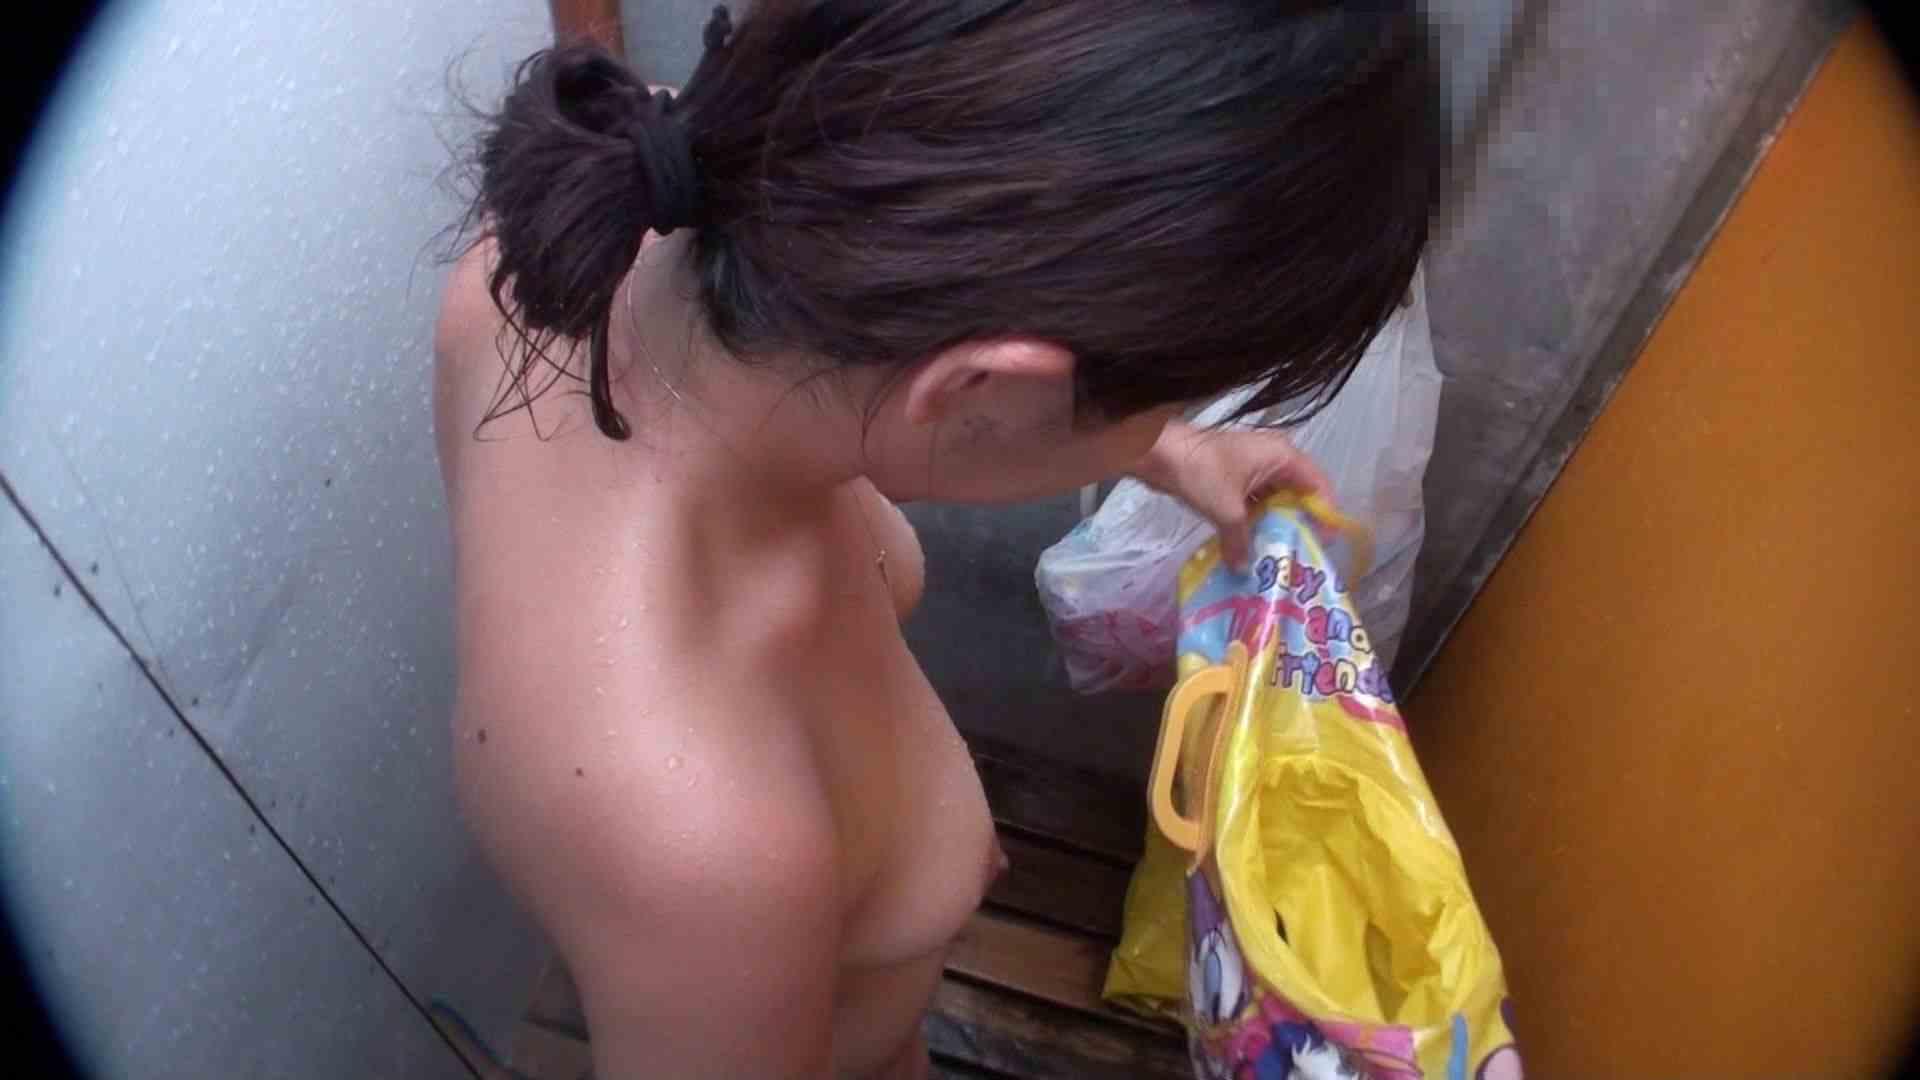 ハイビジョンシャワールームは超!!危険な香りVol.31 清楚なママのパンツはティーバック 高画質モード スケベ動画紹介 103画像 53